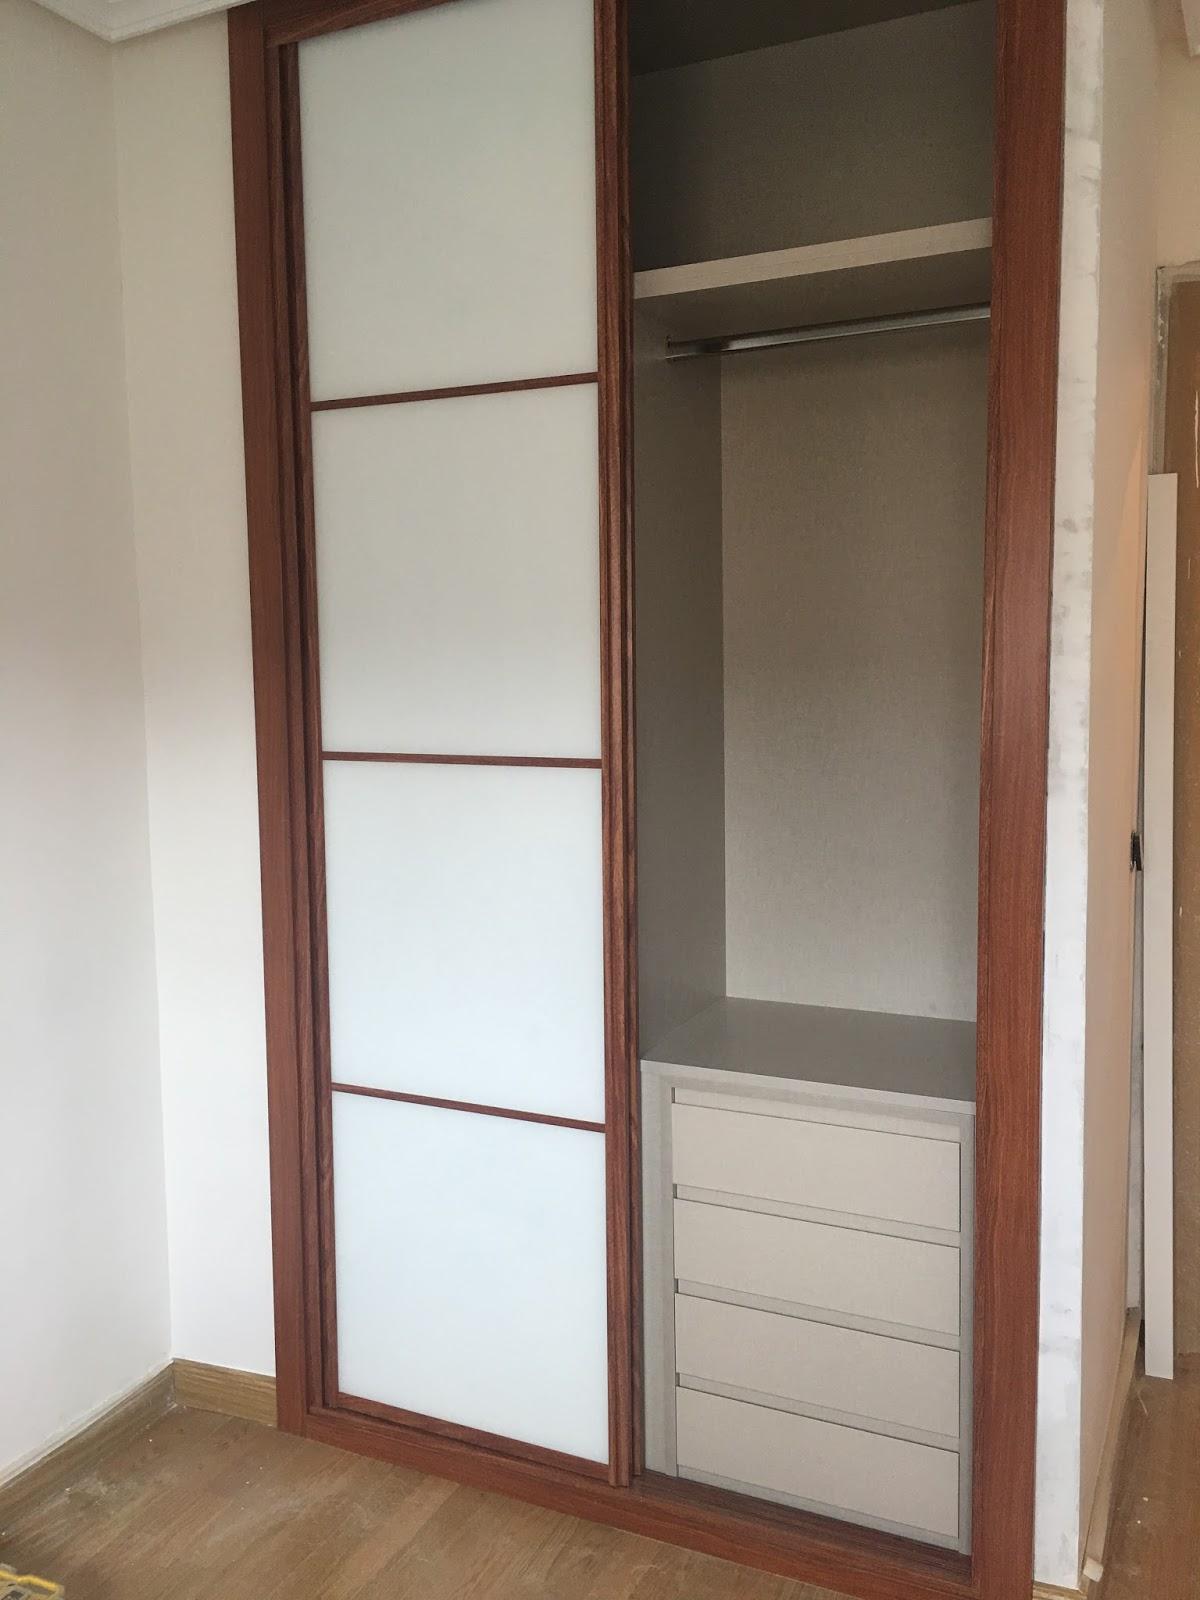 Armarios empotrados karpinteria puertas armarios y - Armarios empotrados puertas ...